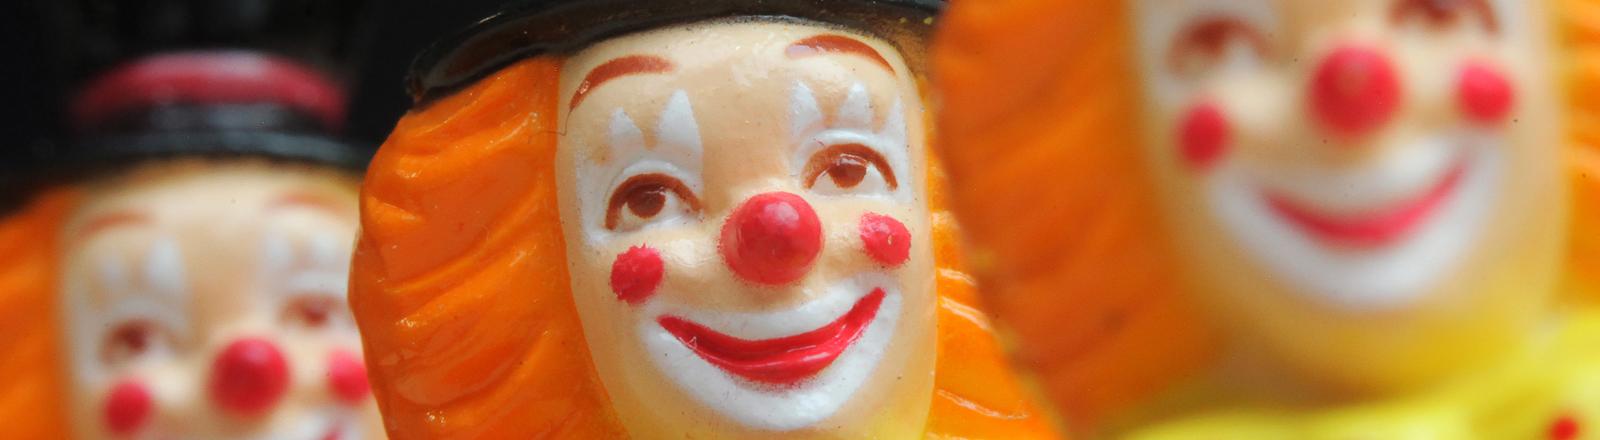 """Clowns mit Trommeln zieren die """"Zugplakette 2014"""" des Mainzer Karnevals"""